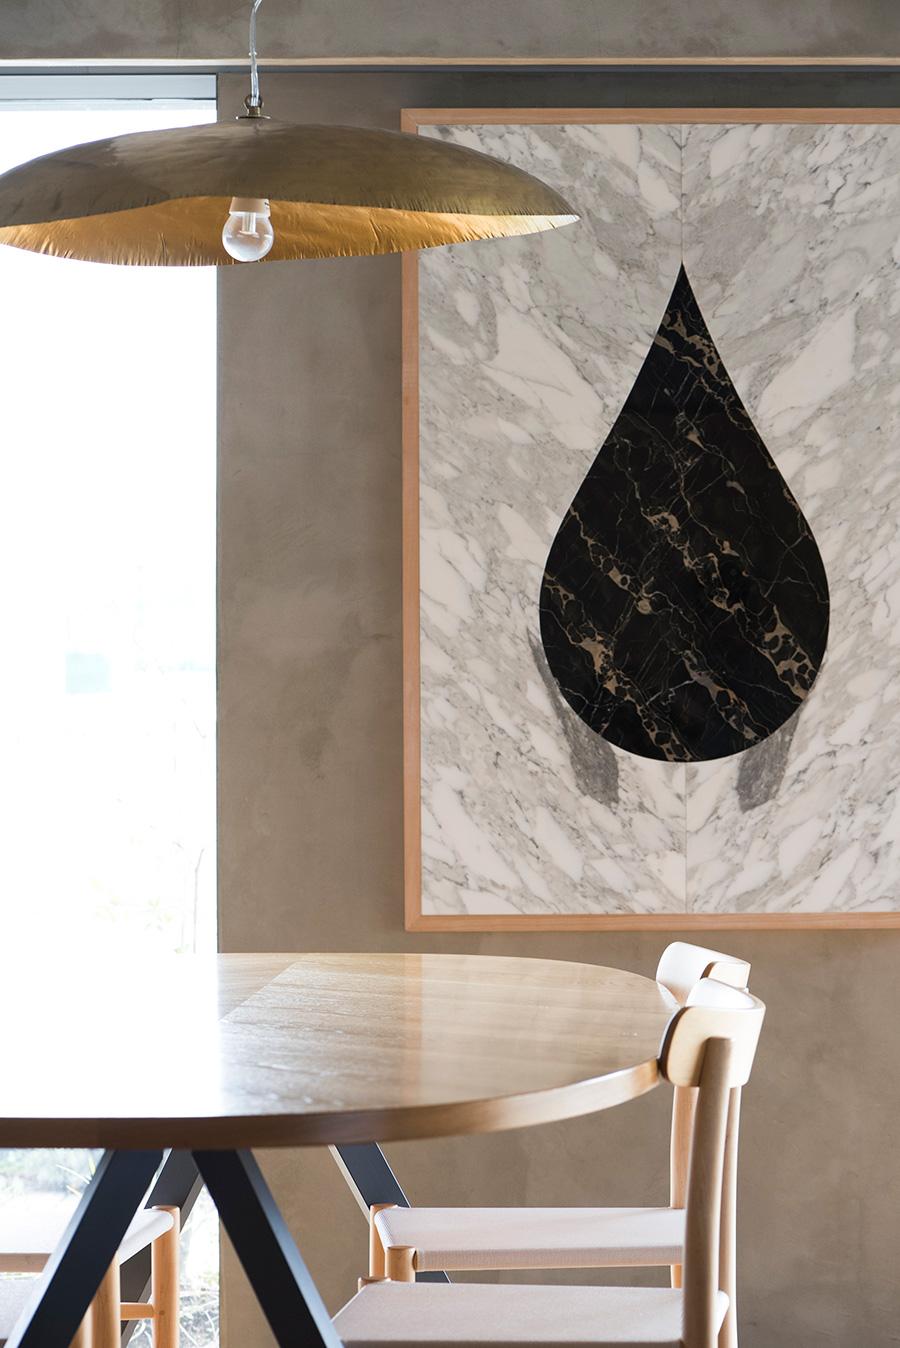 夫であるアーティスト藤元明氏の作品をダイニングに。いずれ枯渇してしまう石油エネルギーのシンボルを、普遍的な存在である大理石に置き換えている。